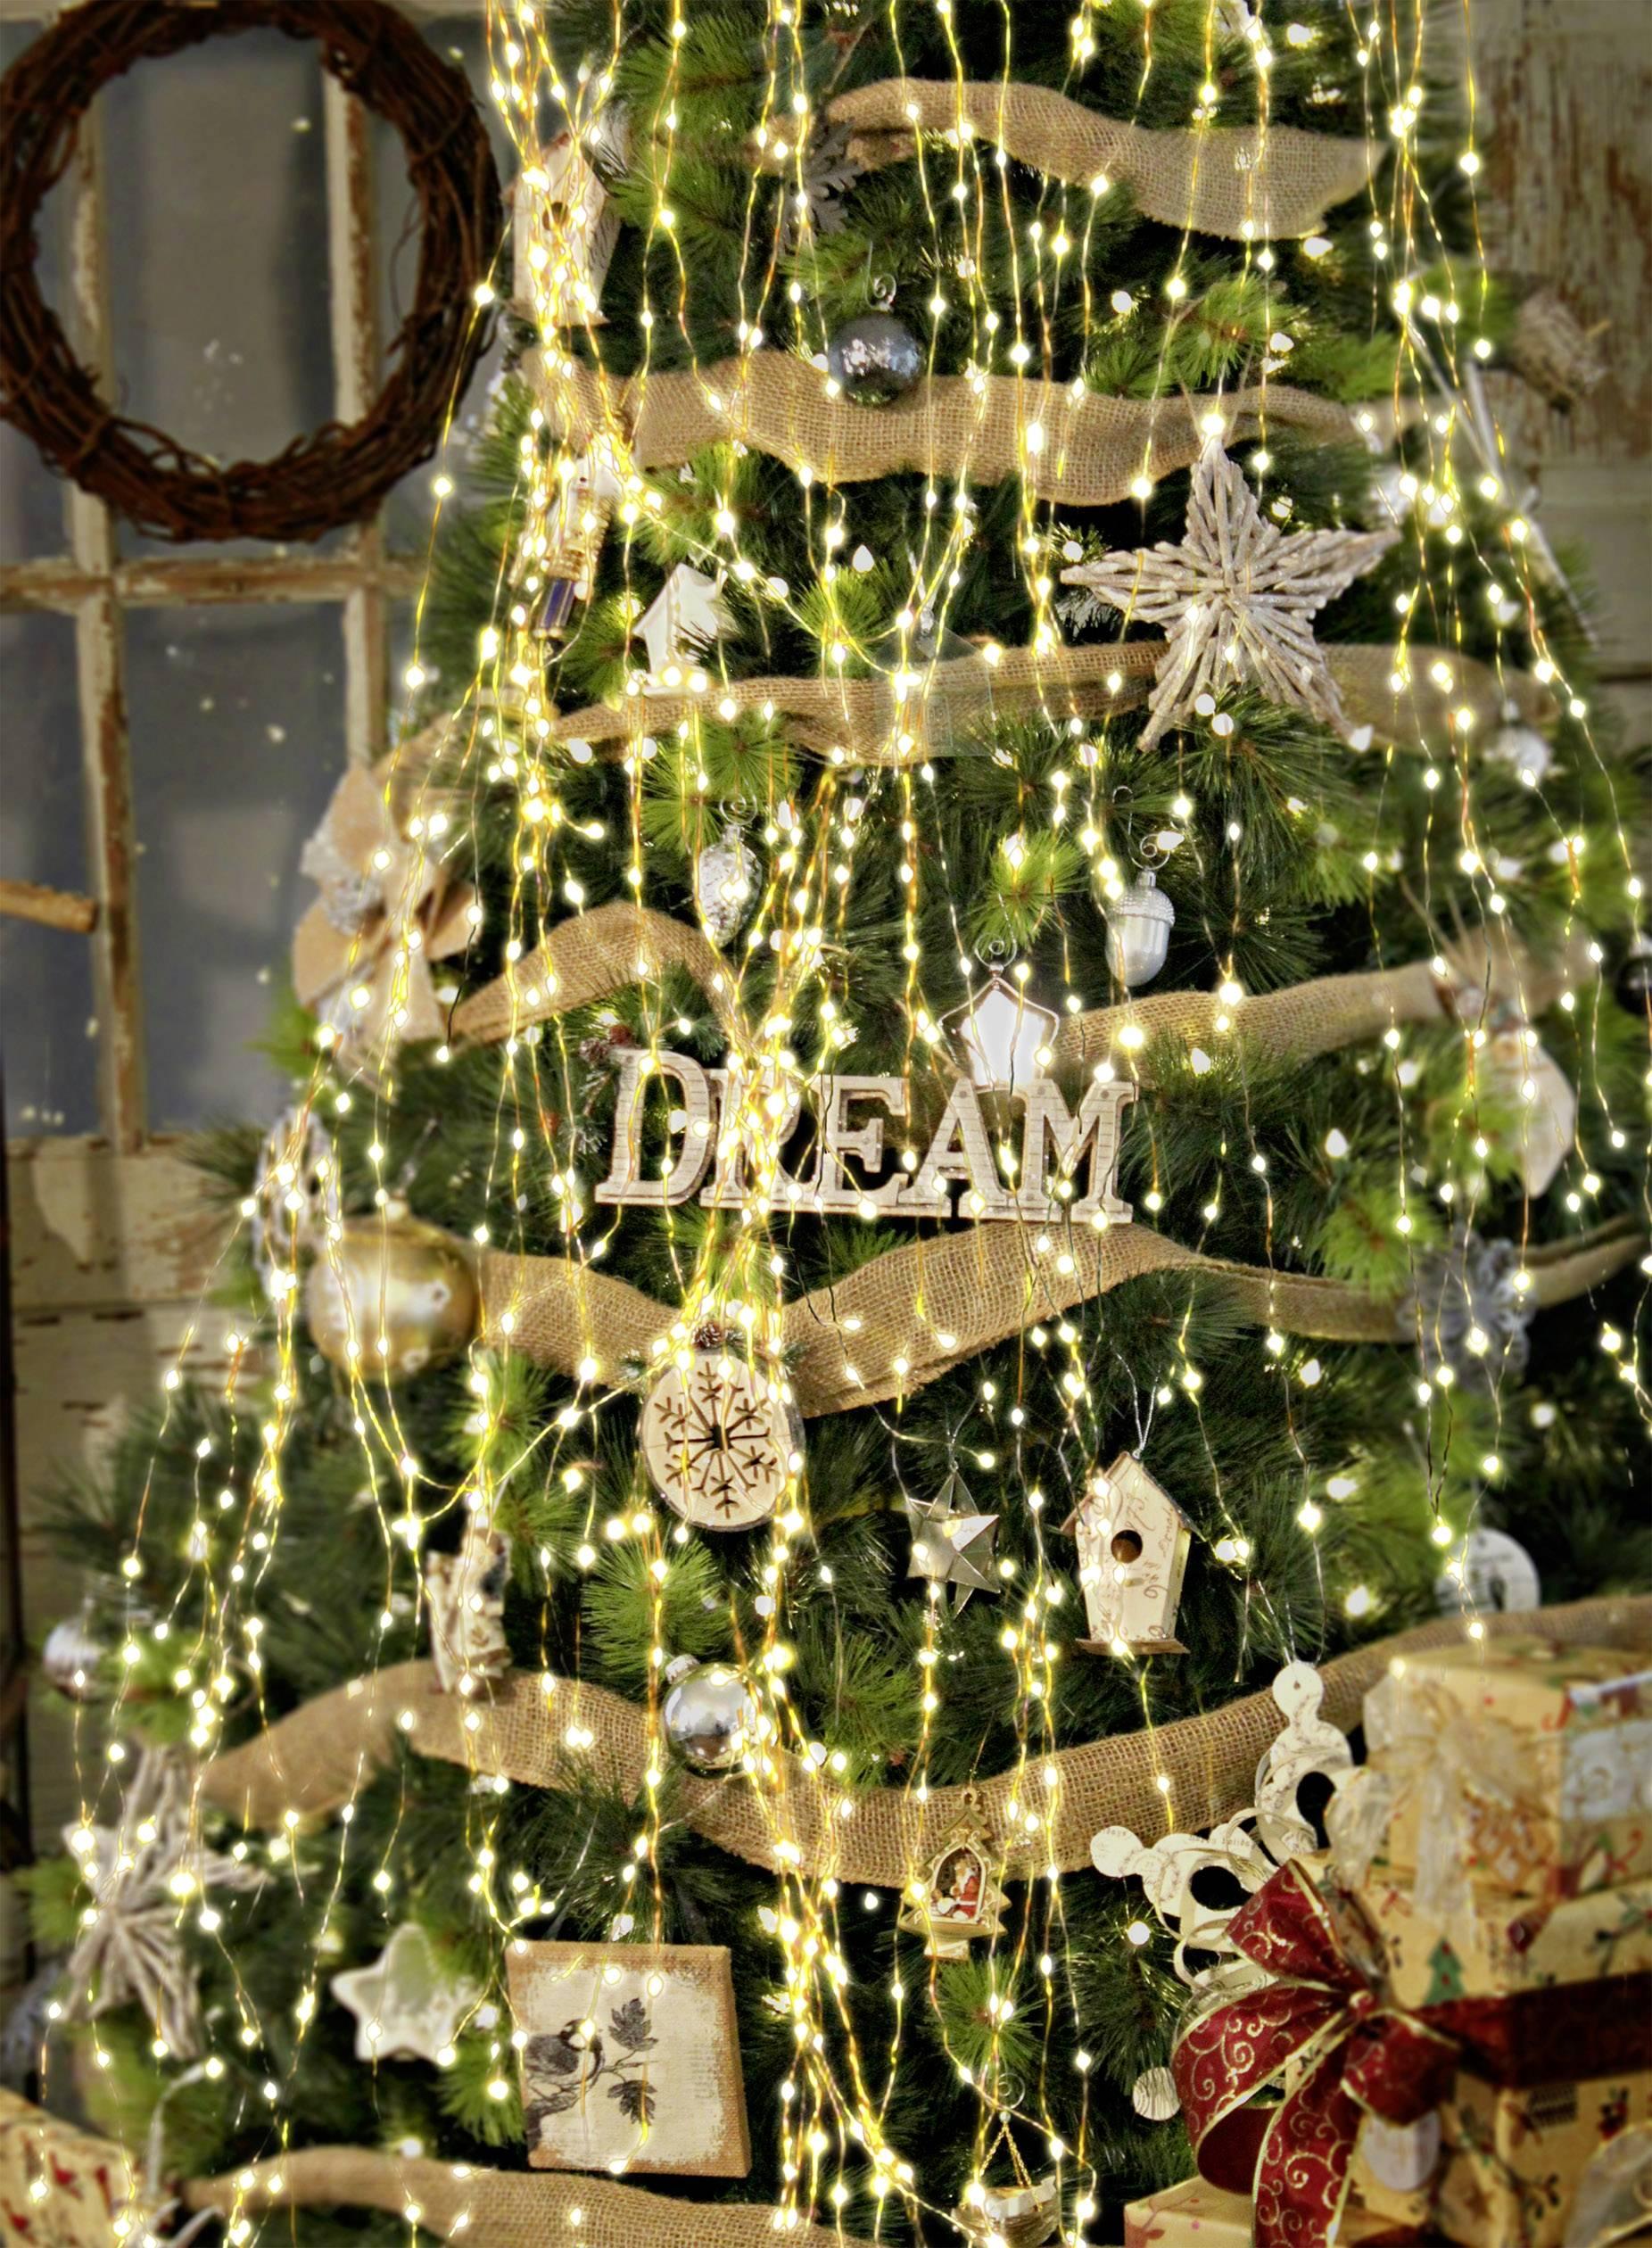 LED LED svetelný plášť na vianočný stromček vnútorné 230 V, 240, teplá biela, neutrálne biela, 8 m